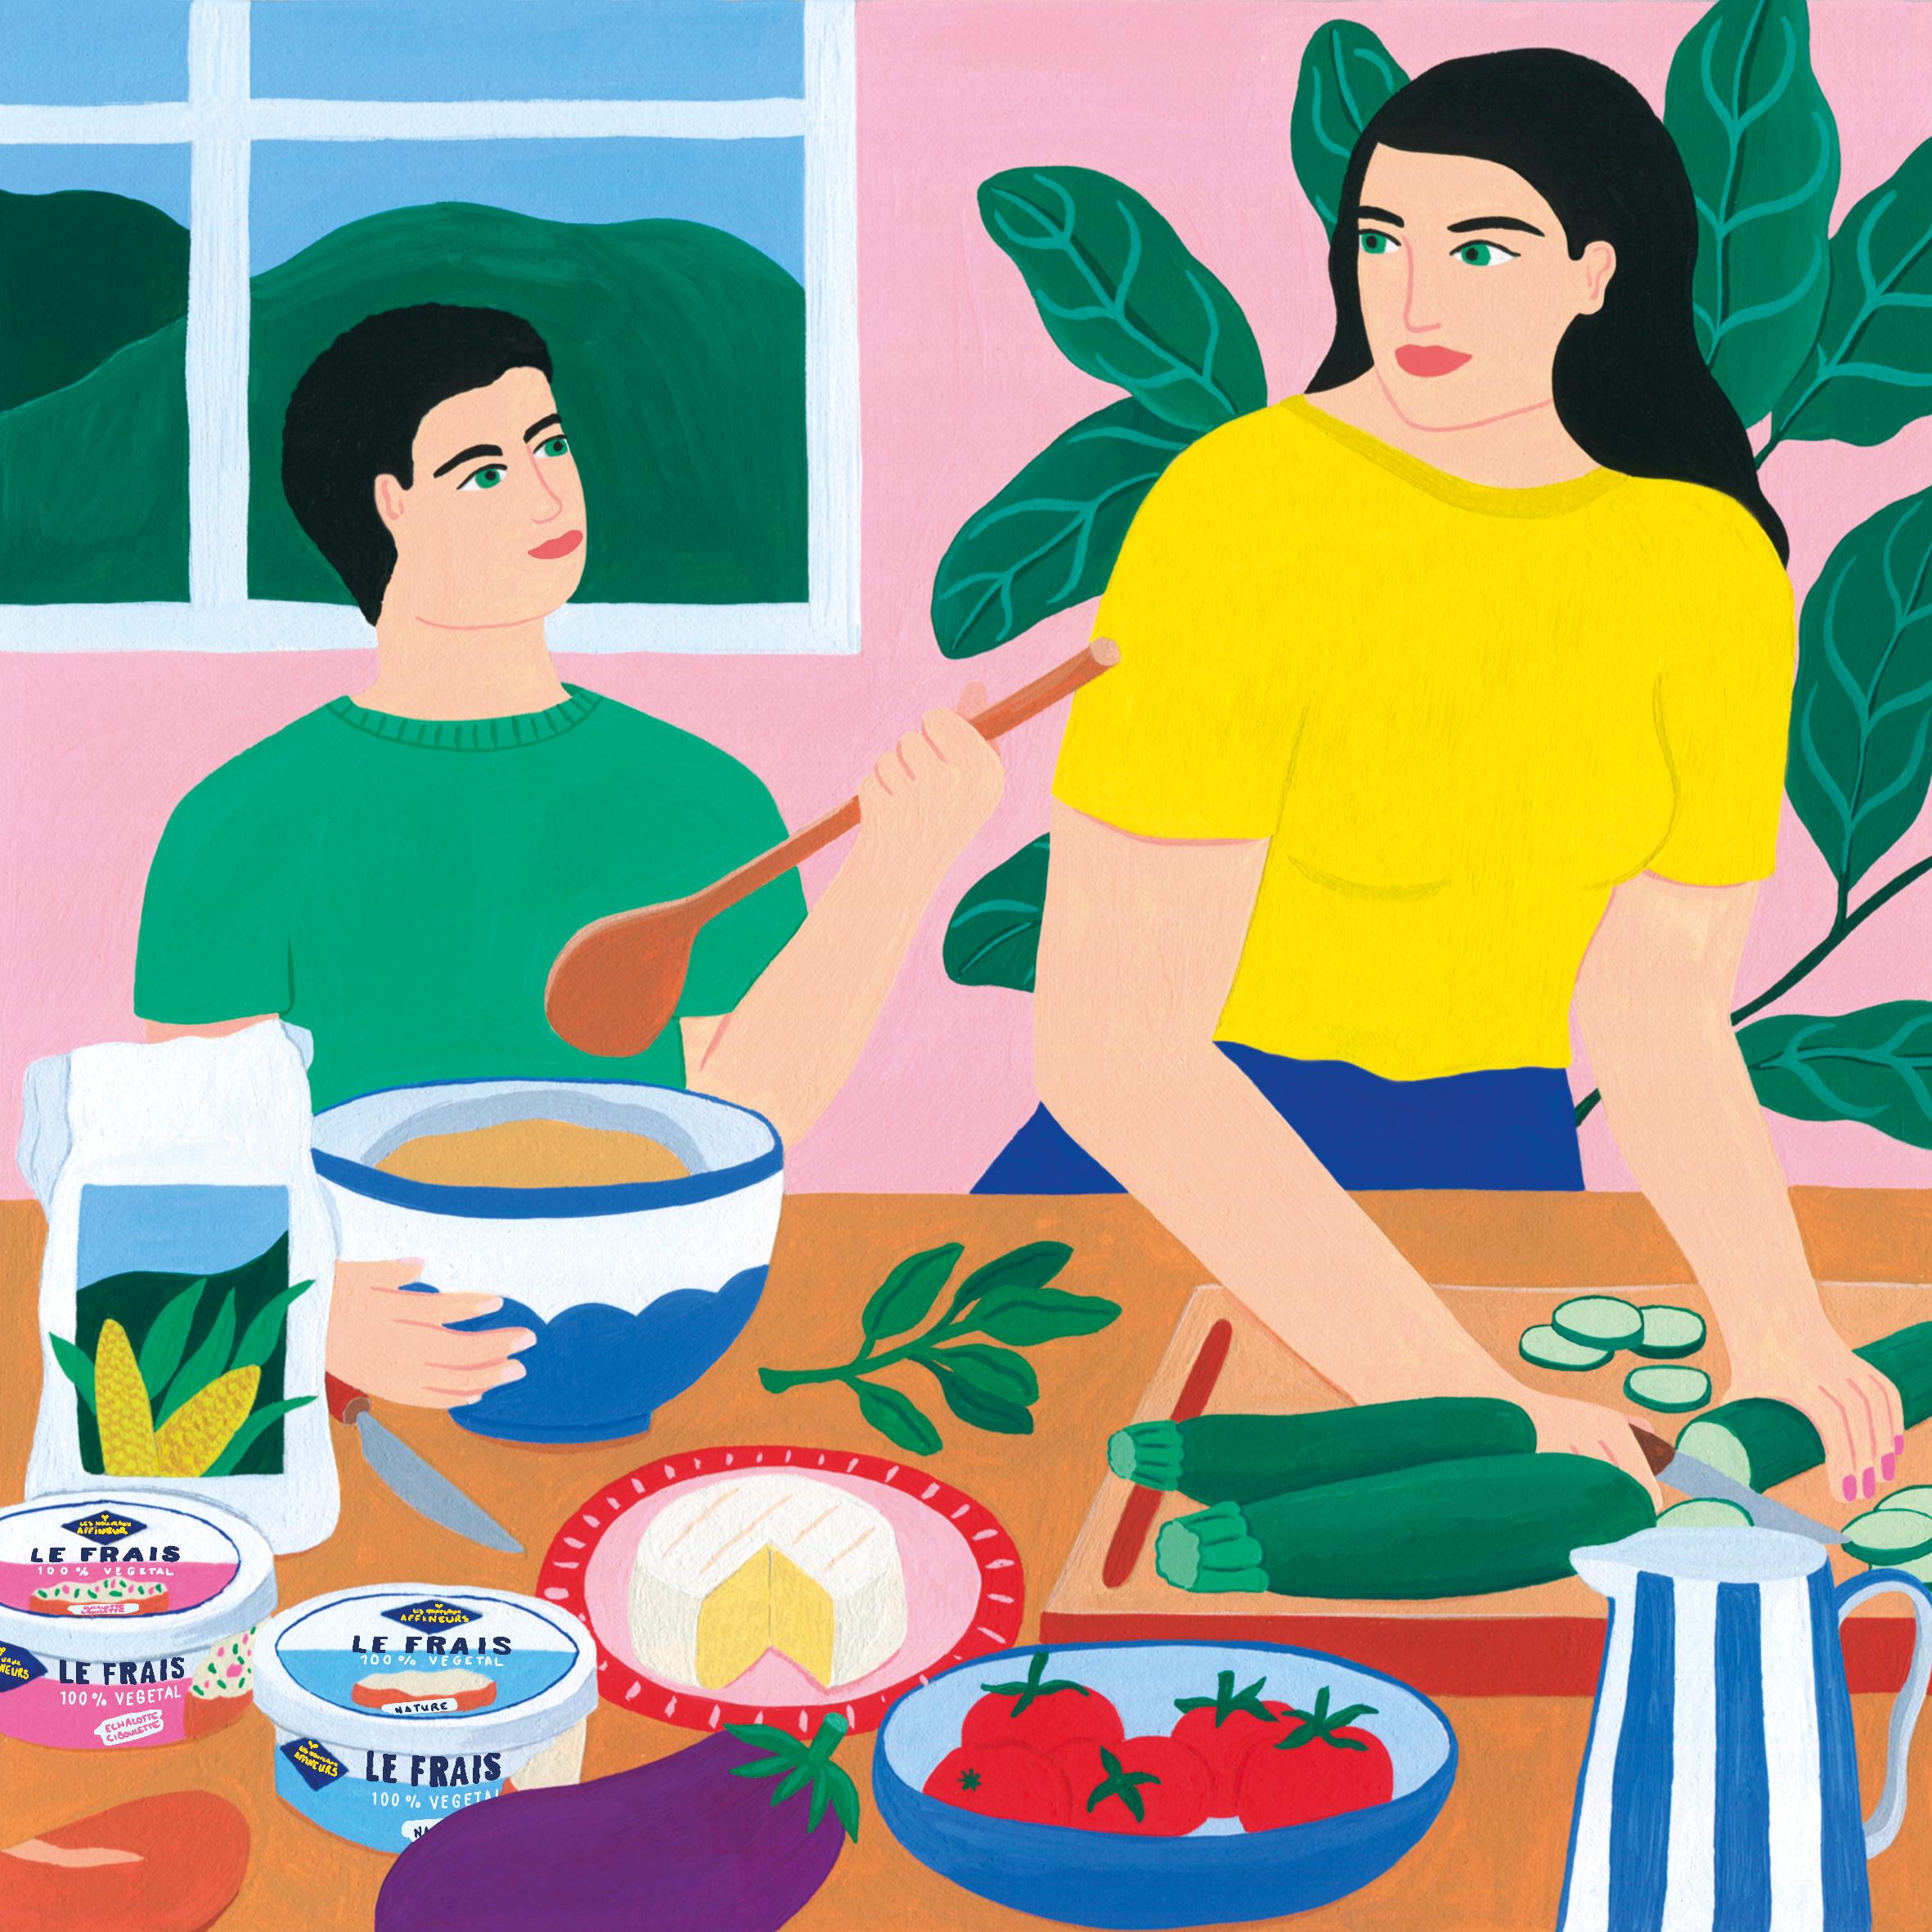 Marie-pellet-illustrations-portfolio-gouache-illustration-communication-Les Nouveaux Affineux-fromage-végétal-vegan-famille-cuisiner-slowlife